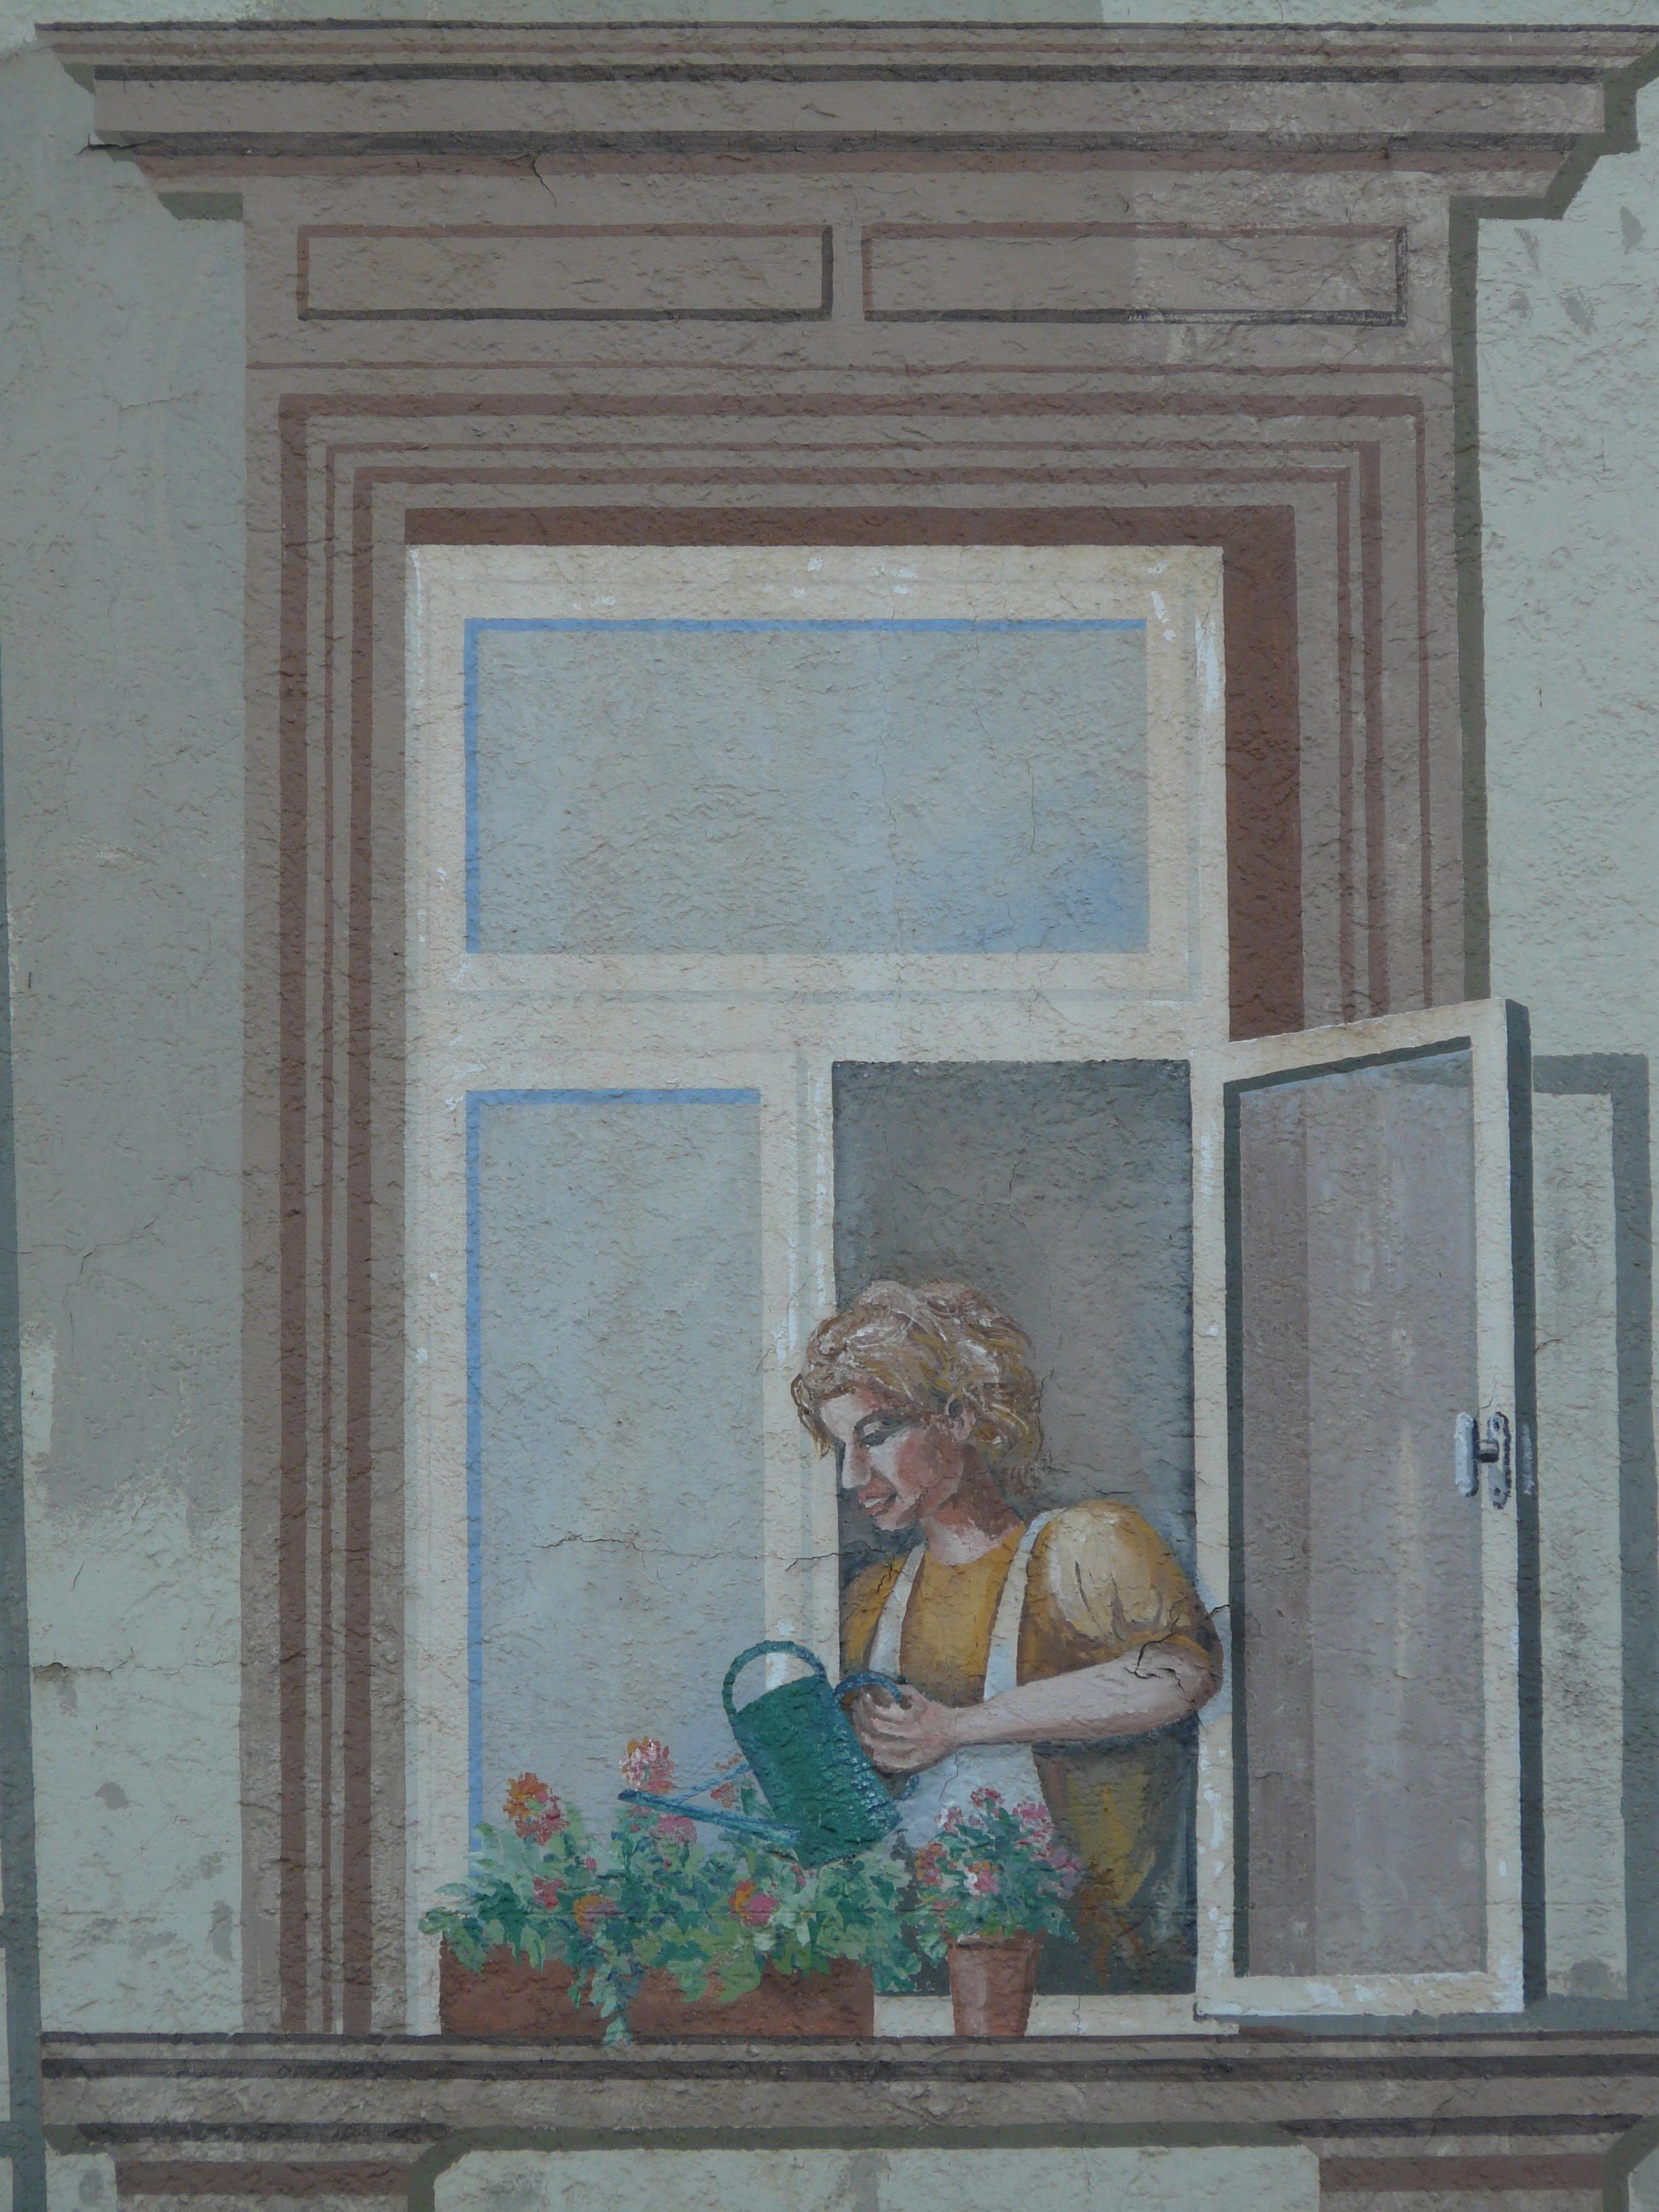 Free Images : woman, window, wall, door, interior design, art ...